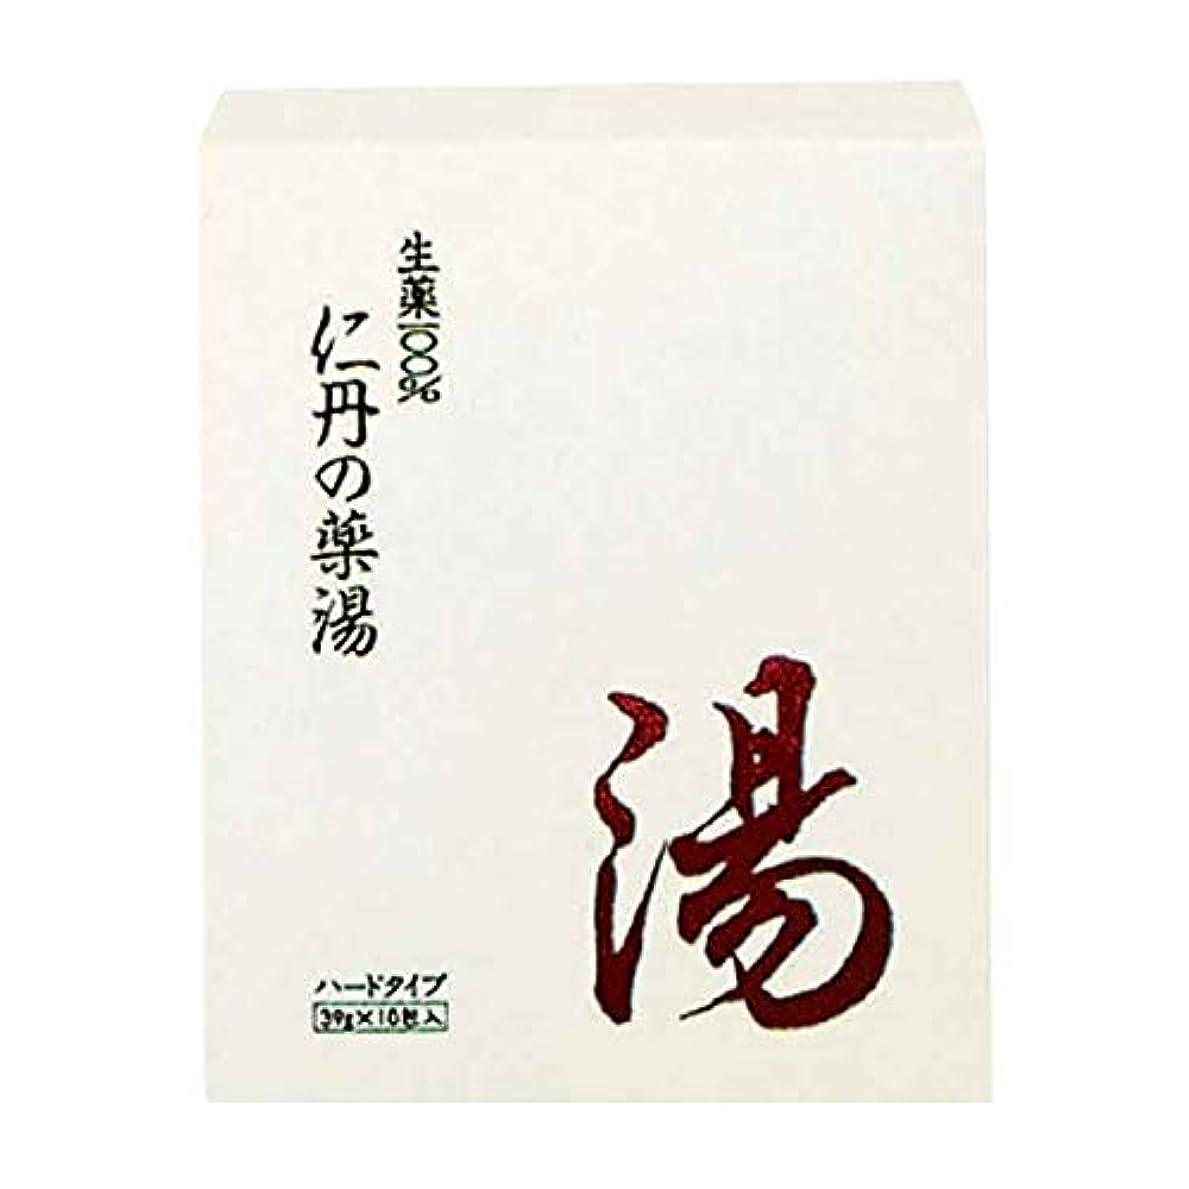 疑い者食物混乱した森下仁丹 仁丹の薬湯(ハード) 10包 [医薬部外品]